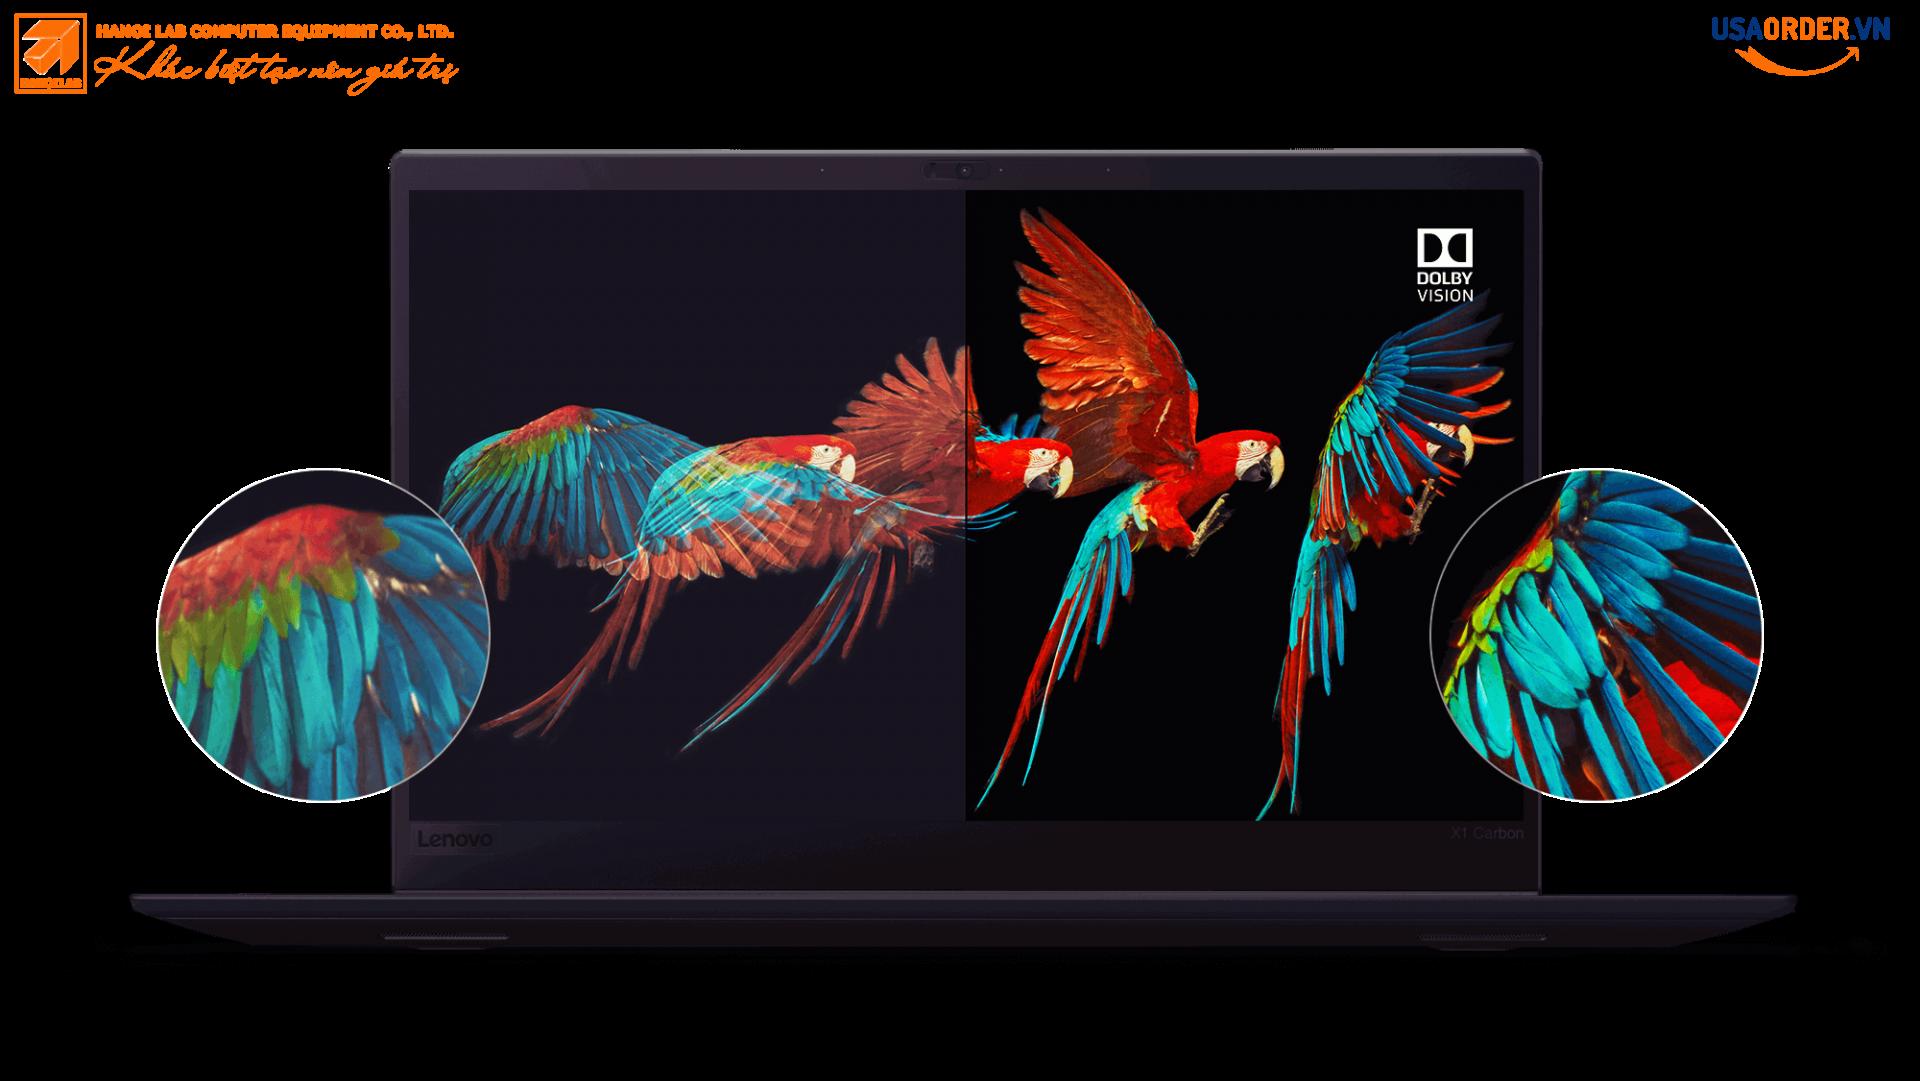 Màn hình hiển thị Carbon ThinkPad X1 của Lenovo ThinkPad X1 với Dolby Vision, hiển thị chi tiết tuyệt vời và độ chính xác màu sắc của đôi cánh vẹt trong chuyến bay.